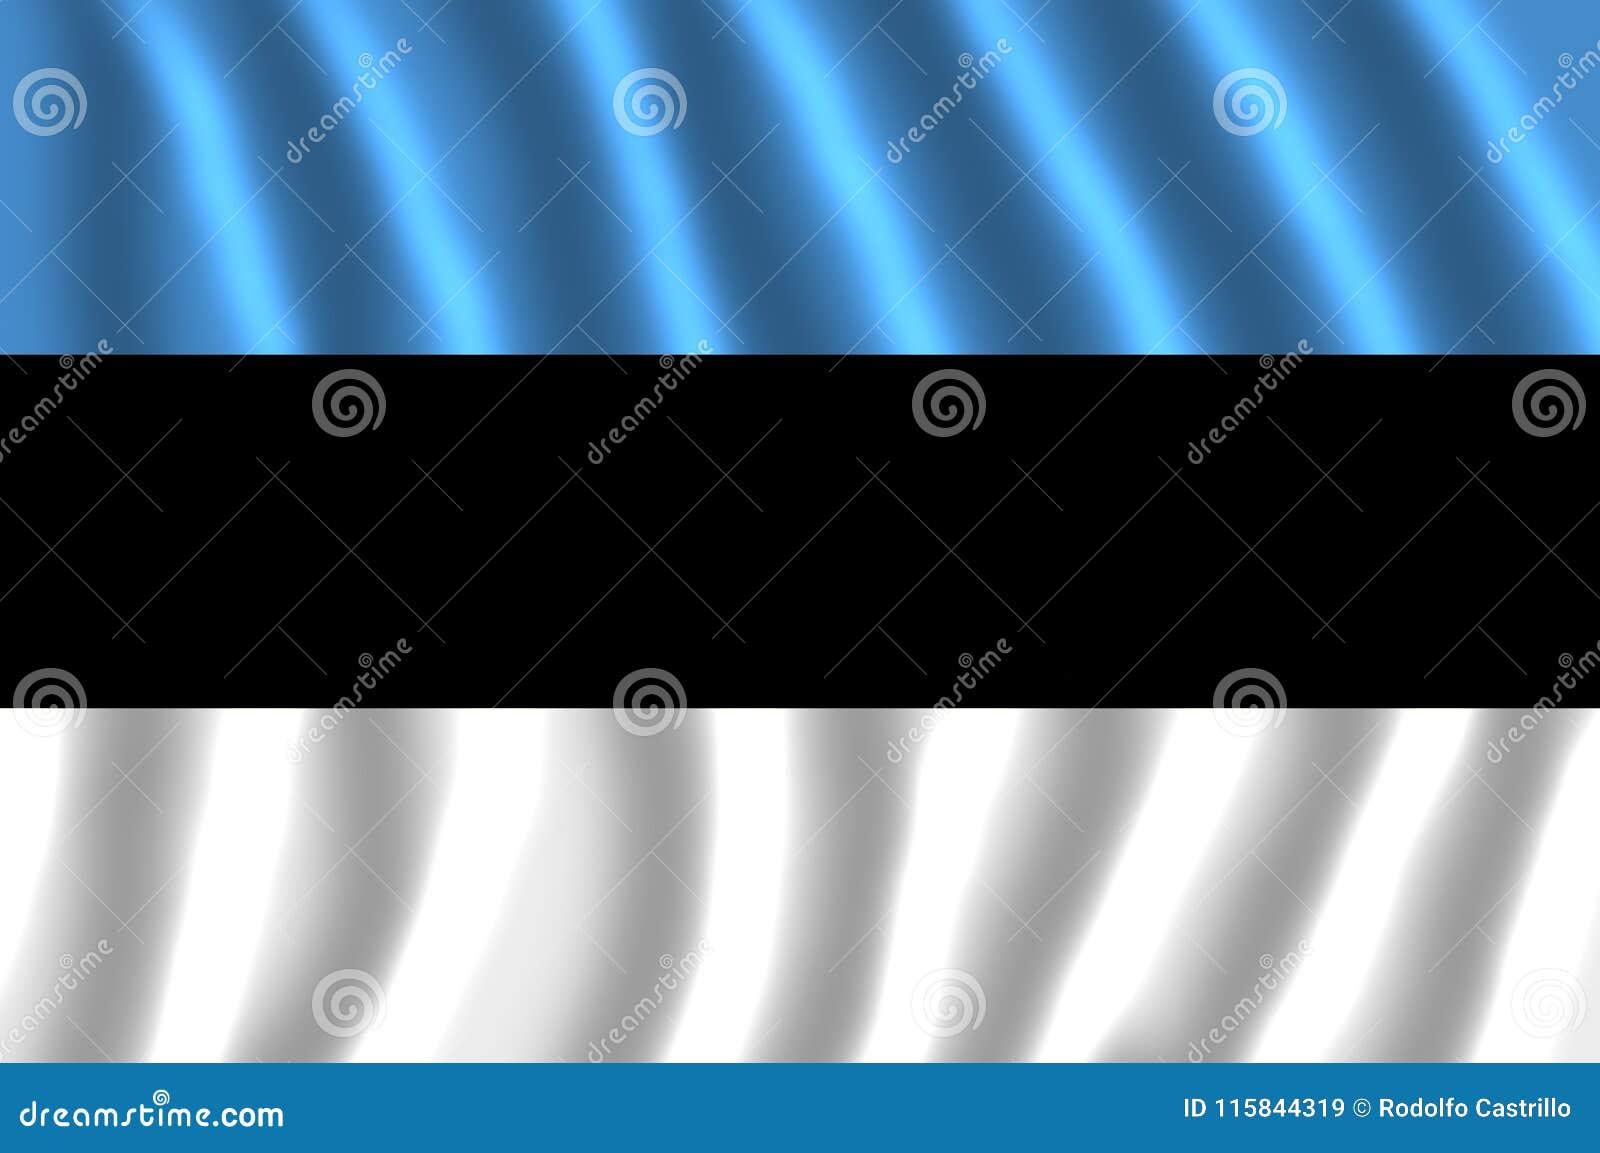 国旗爱沙尼亚振翼